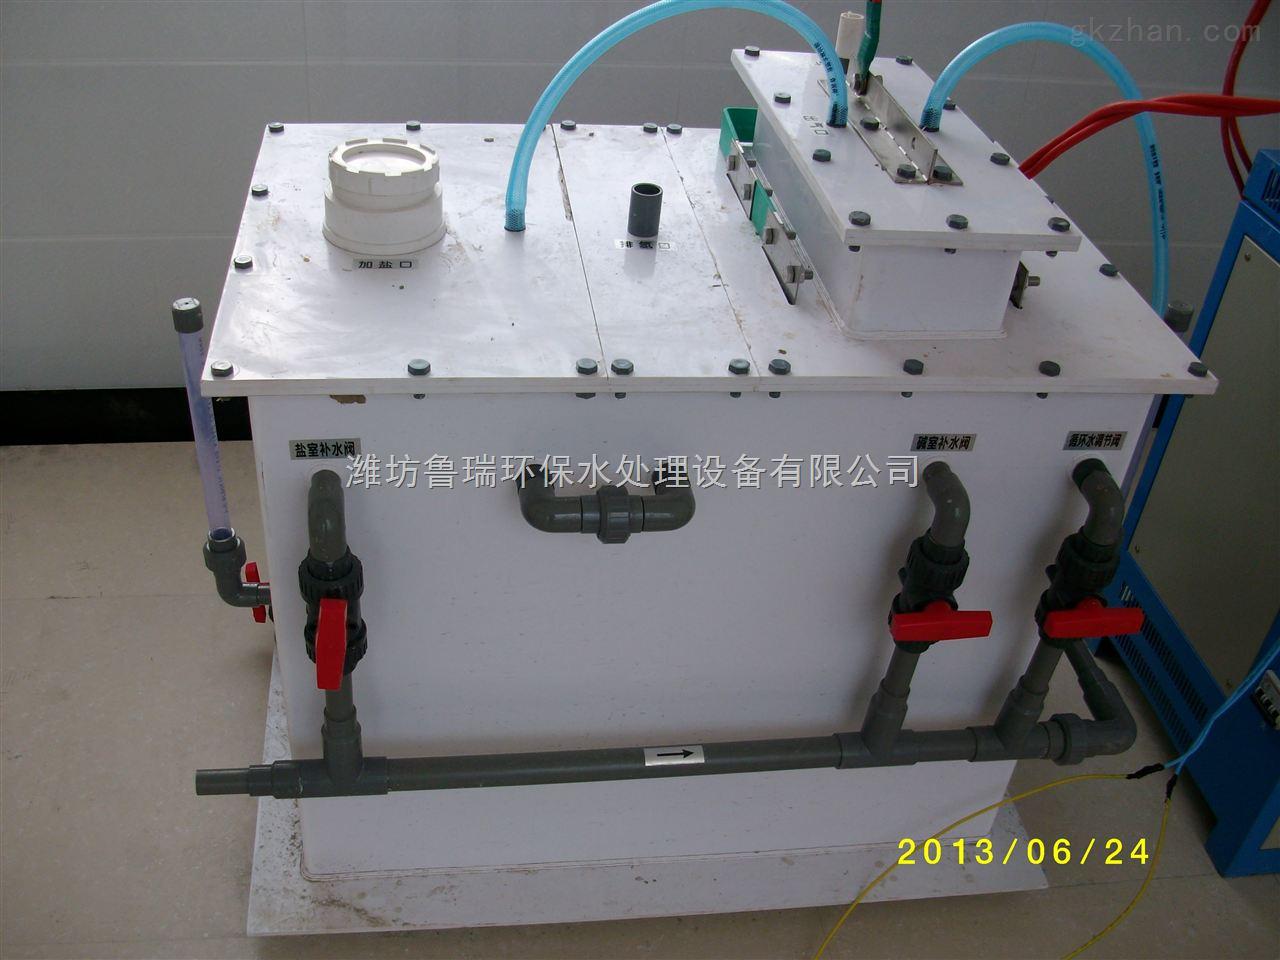 营口电解法二氧化氯发生器稳压器,为安全